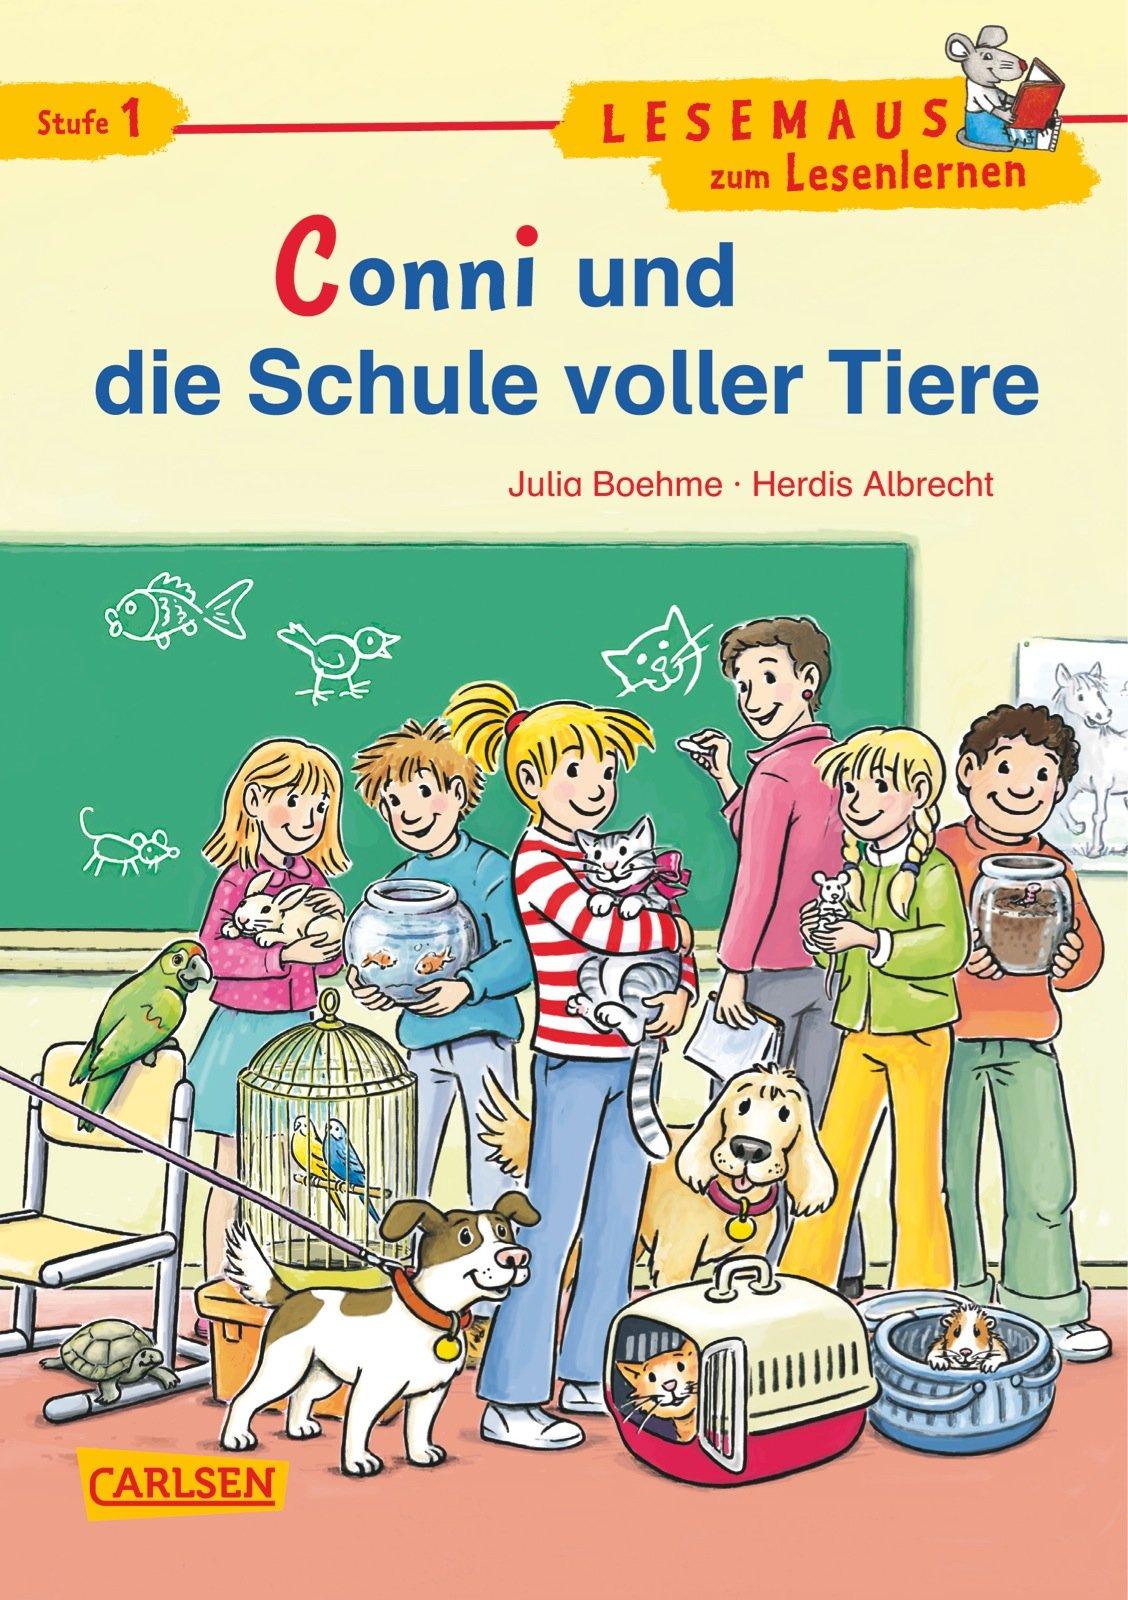 LESEMAUS zum Lesenlernen Stufe 1: Conni und die Schule voller Tiere